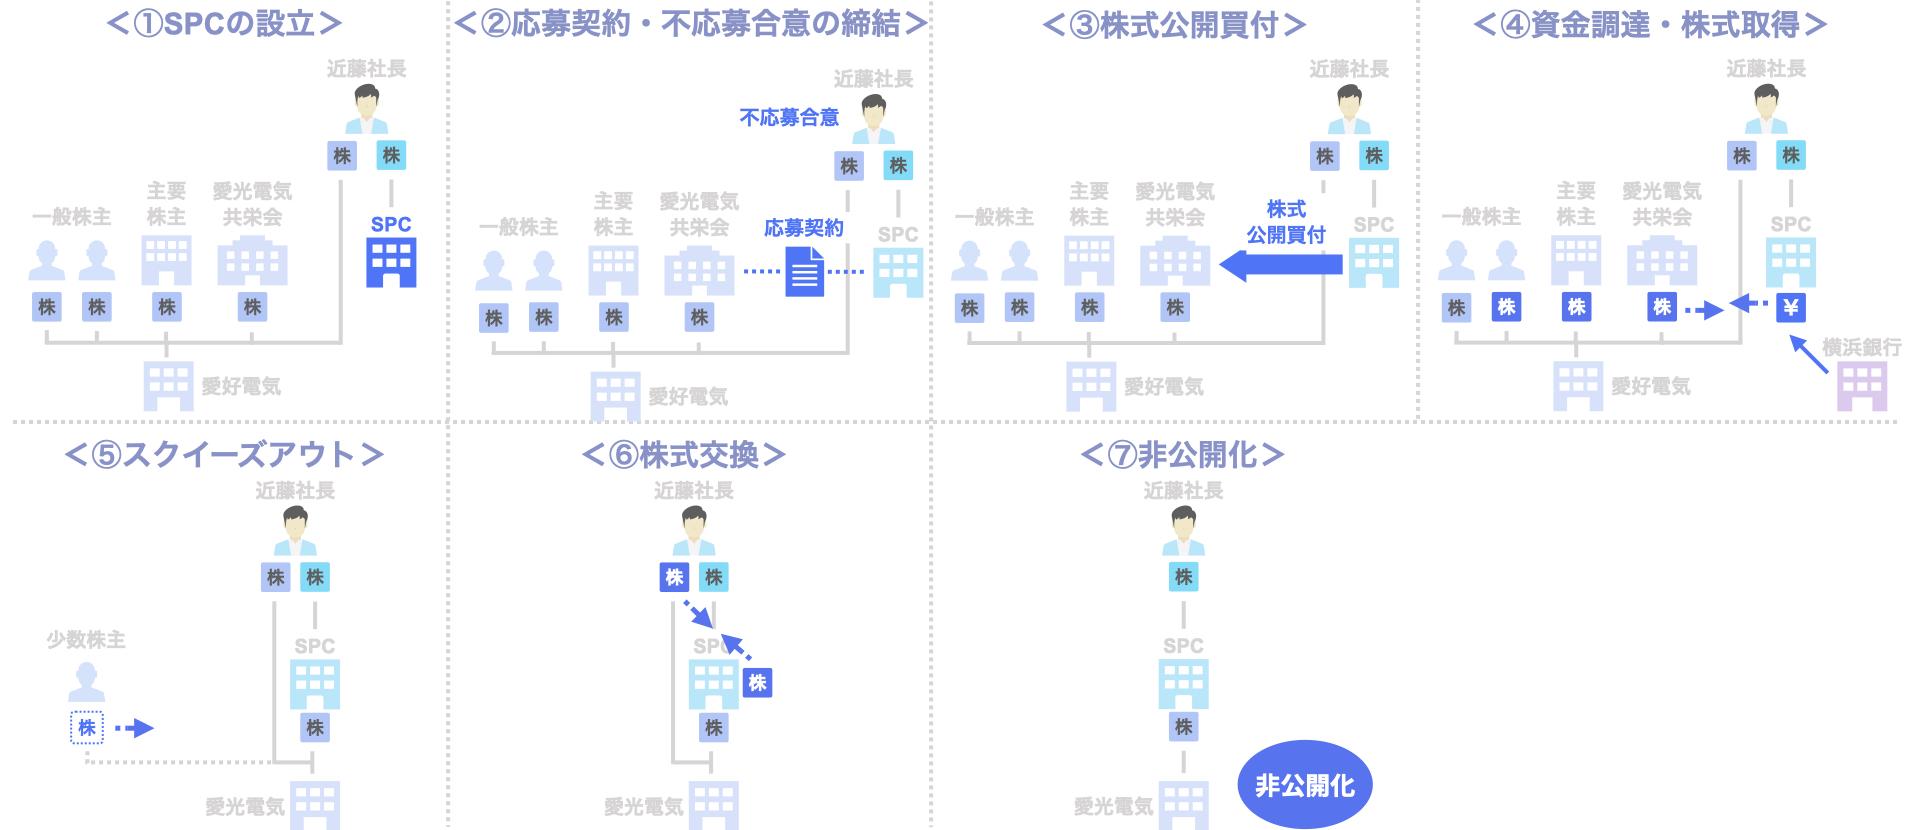 MBO事例 愛光電気のデットMBOによる非公開化(横浜銀行)のスキーム